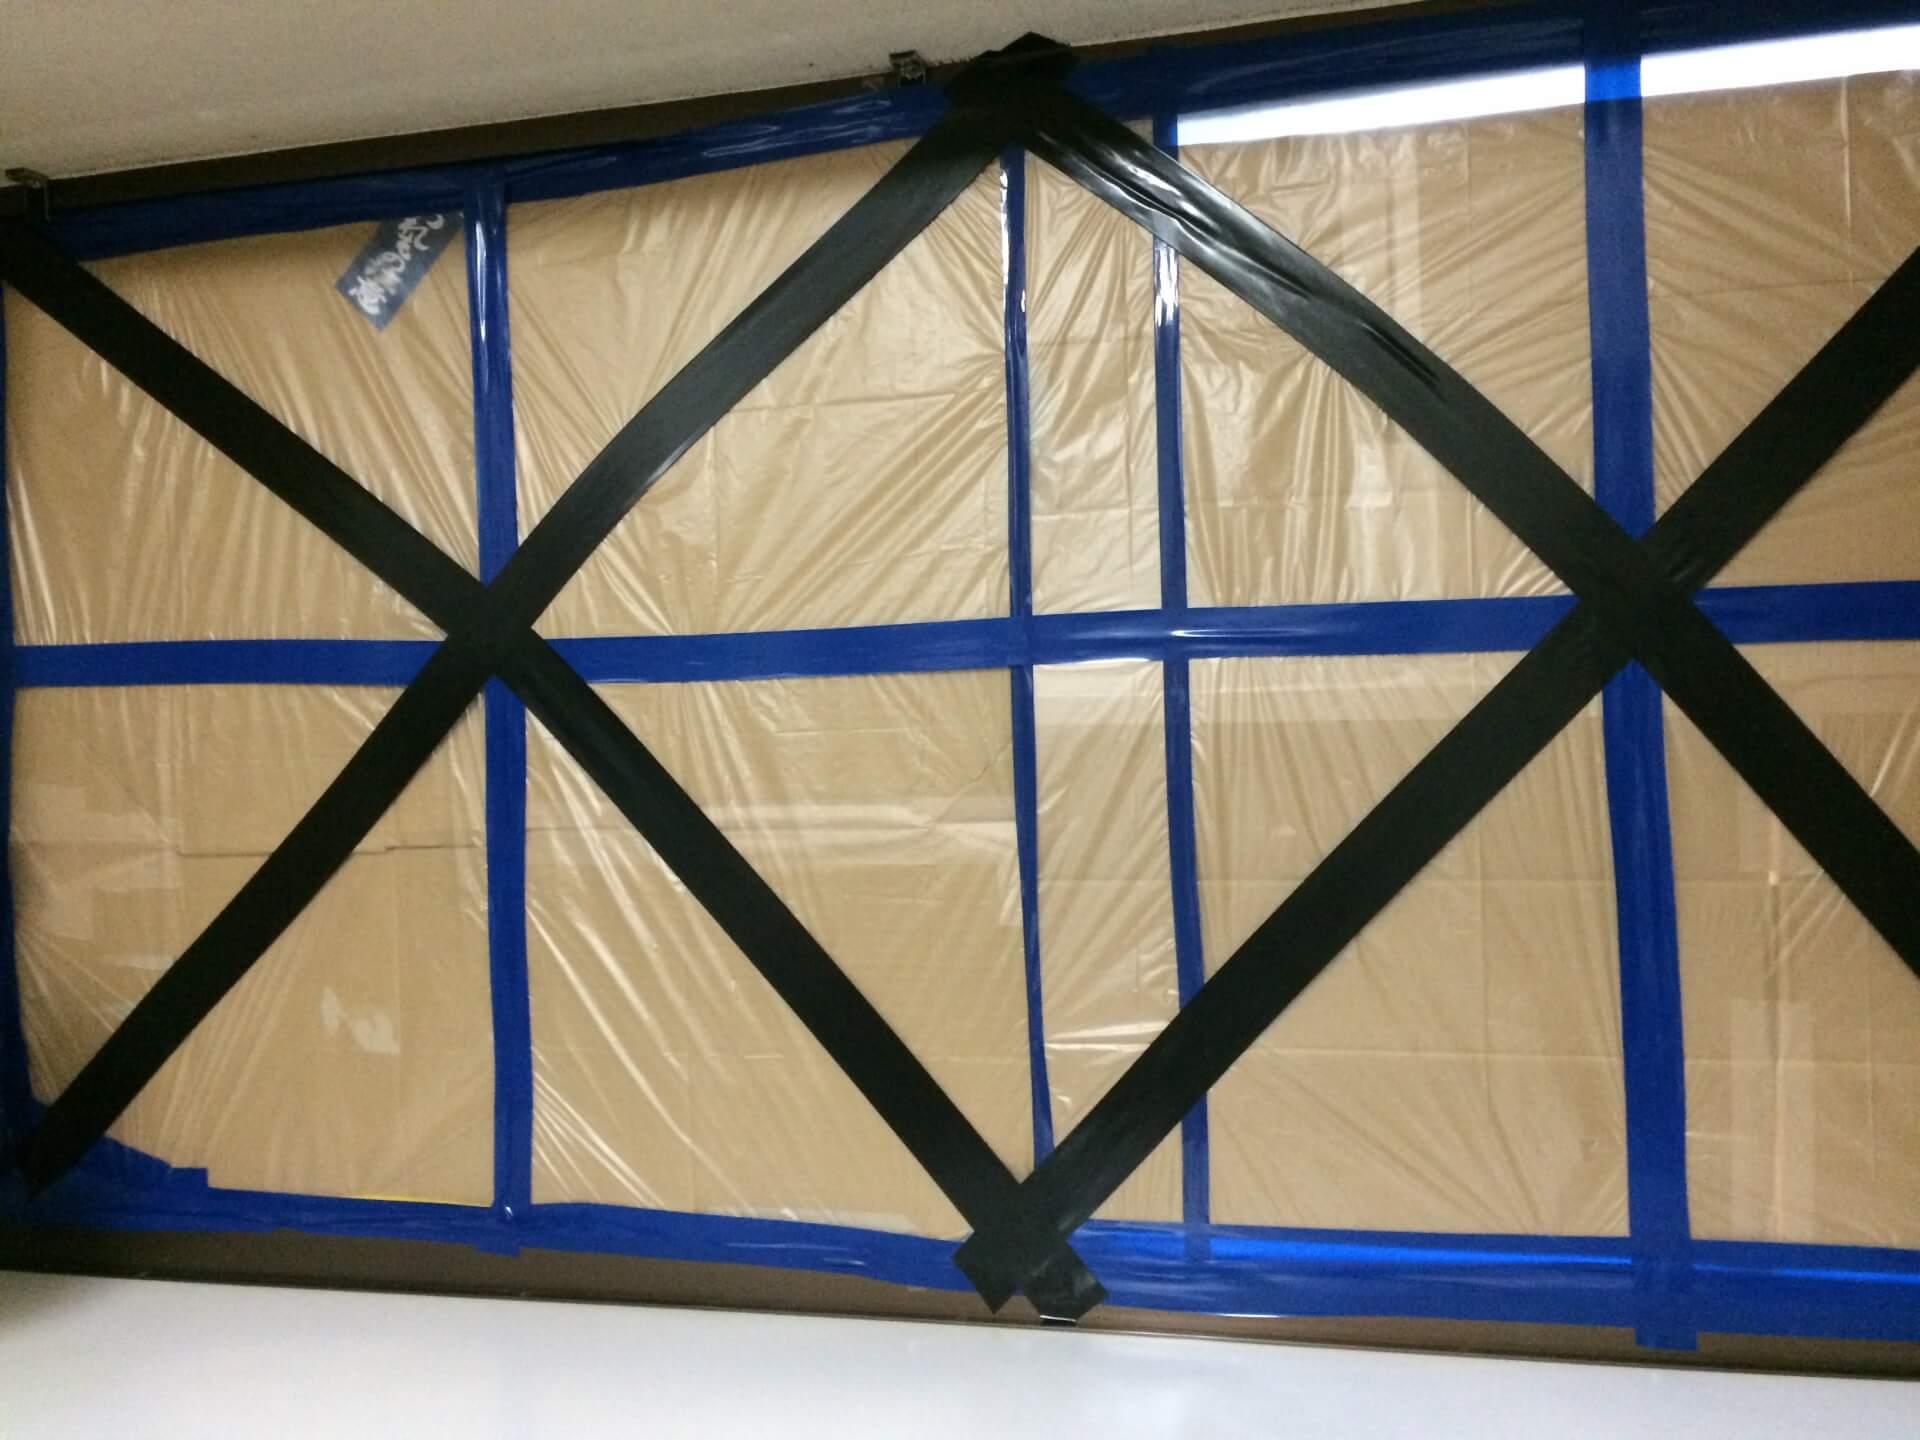 台風対策!窓ガラスへのダンボールの貼り方は?外側?内側?養生テープは効果なし?